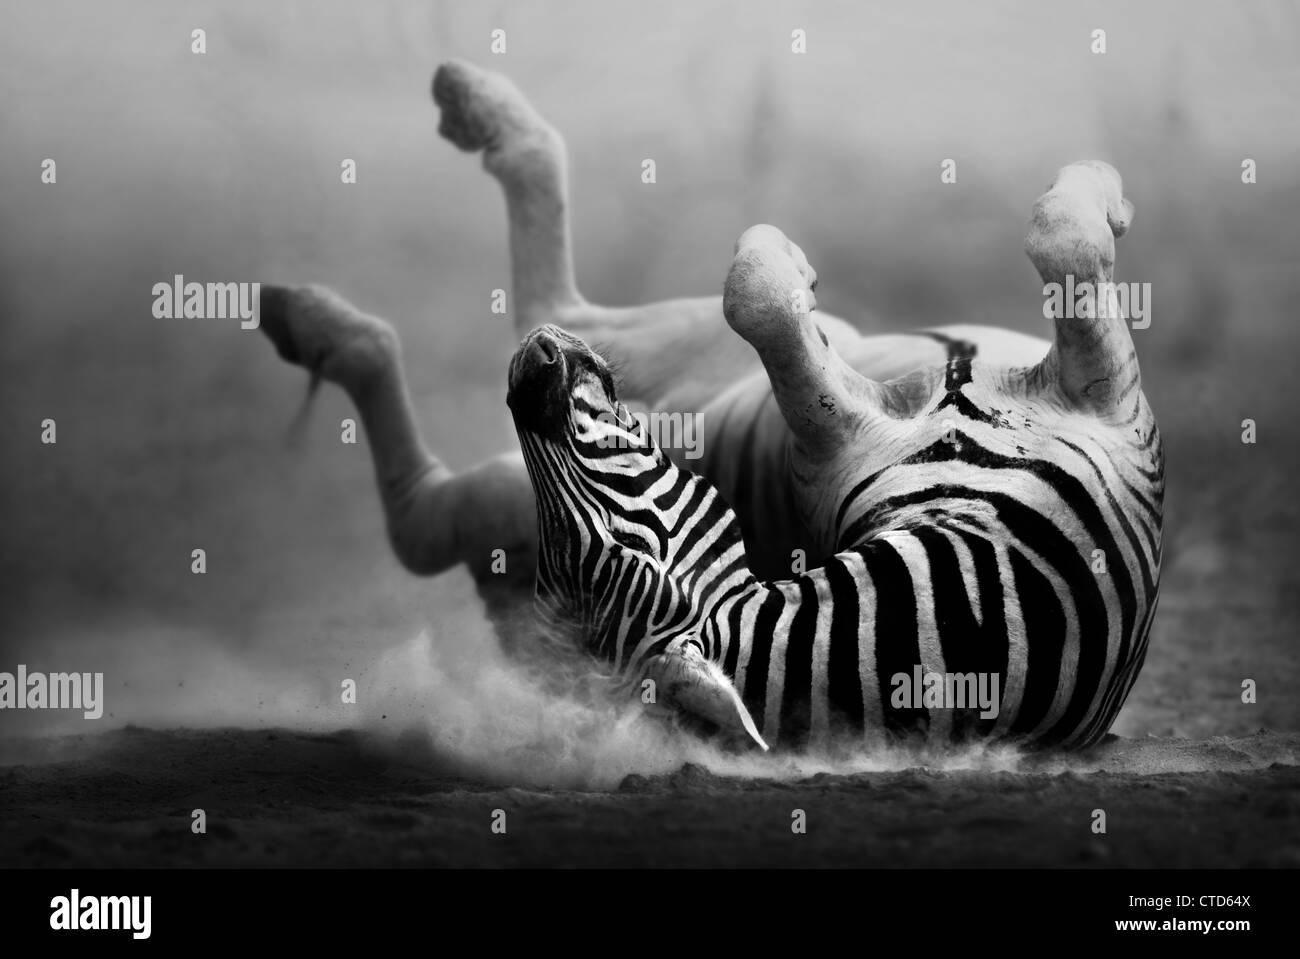 Laminación de cebra en la polvorienta arena blanca (procesamiento artístico) Parque Nacional Etosha - Imagen De Stock